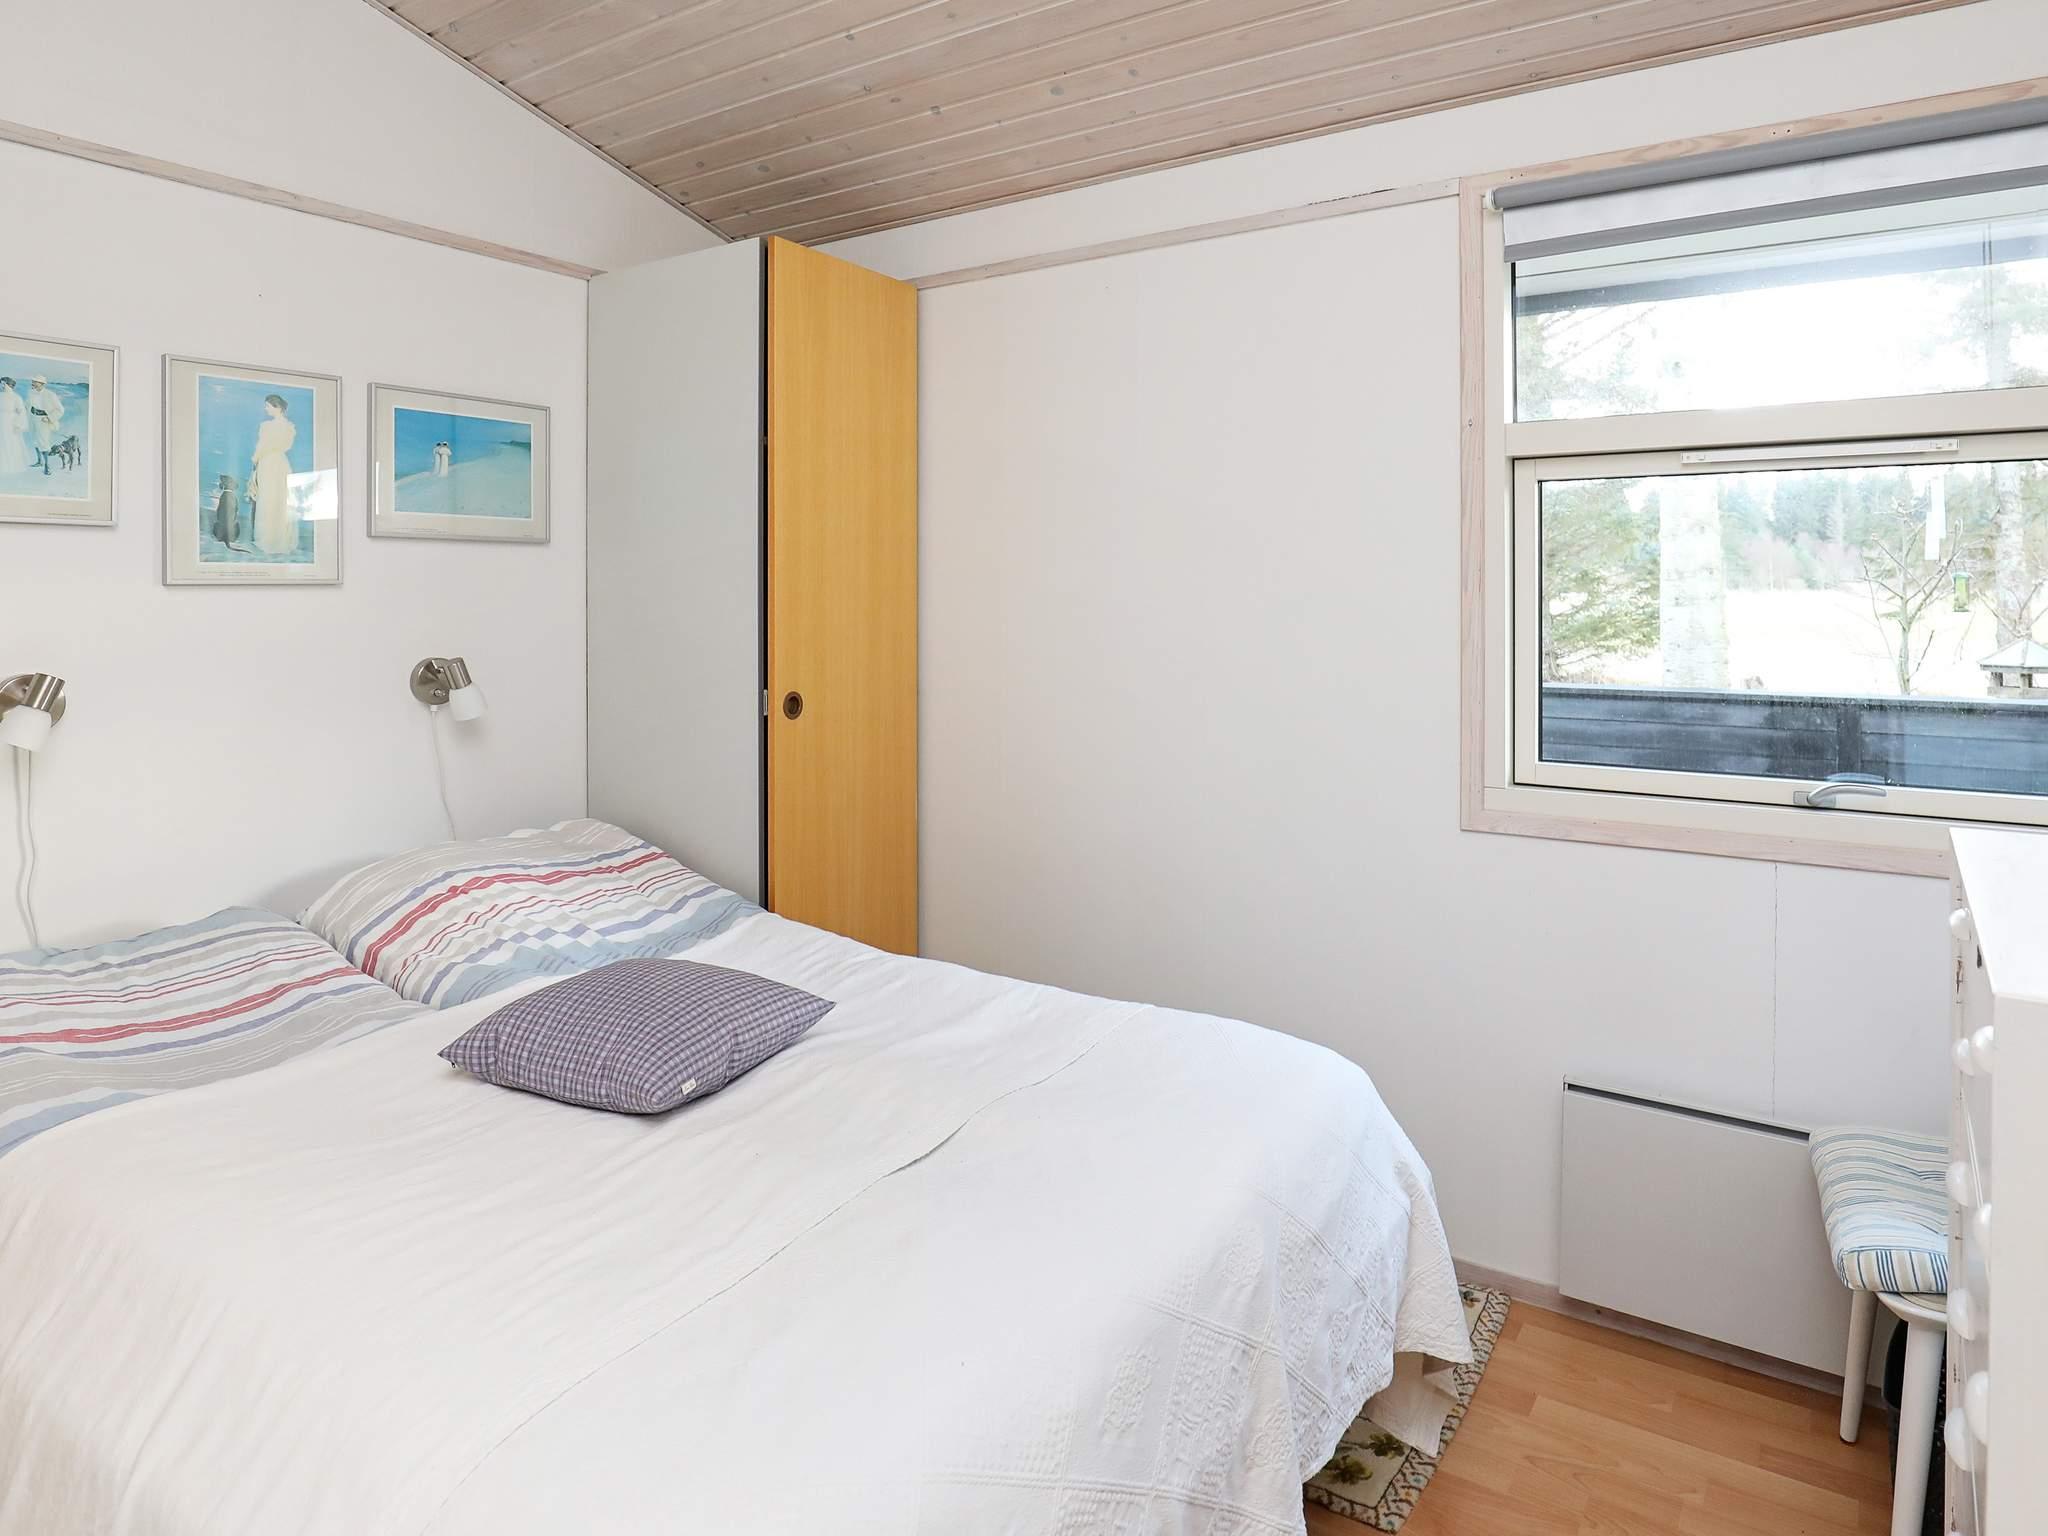 Ferienhaus Kjul Strand (2355118), Hirtshals, , Nordwestjütland, Dänemark, Bild 11